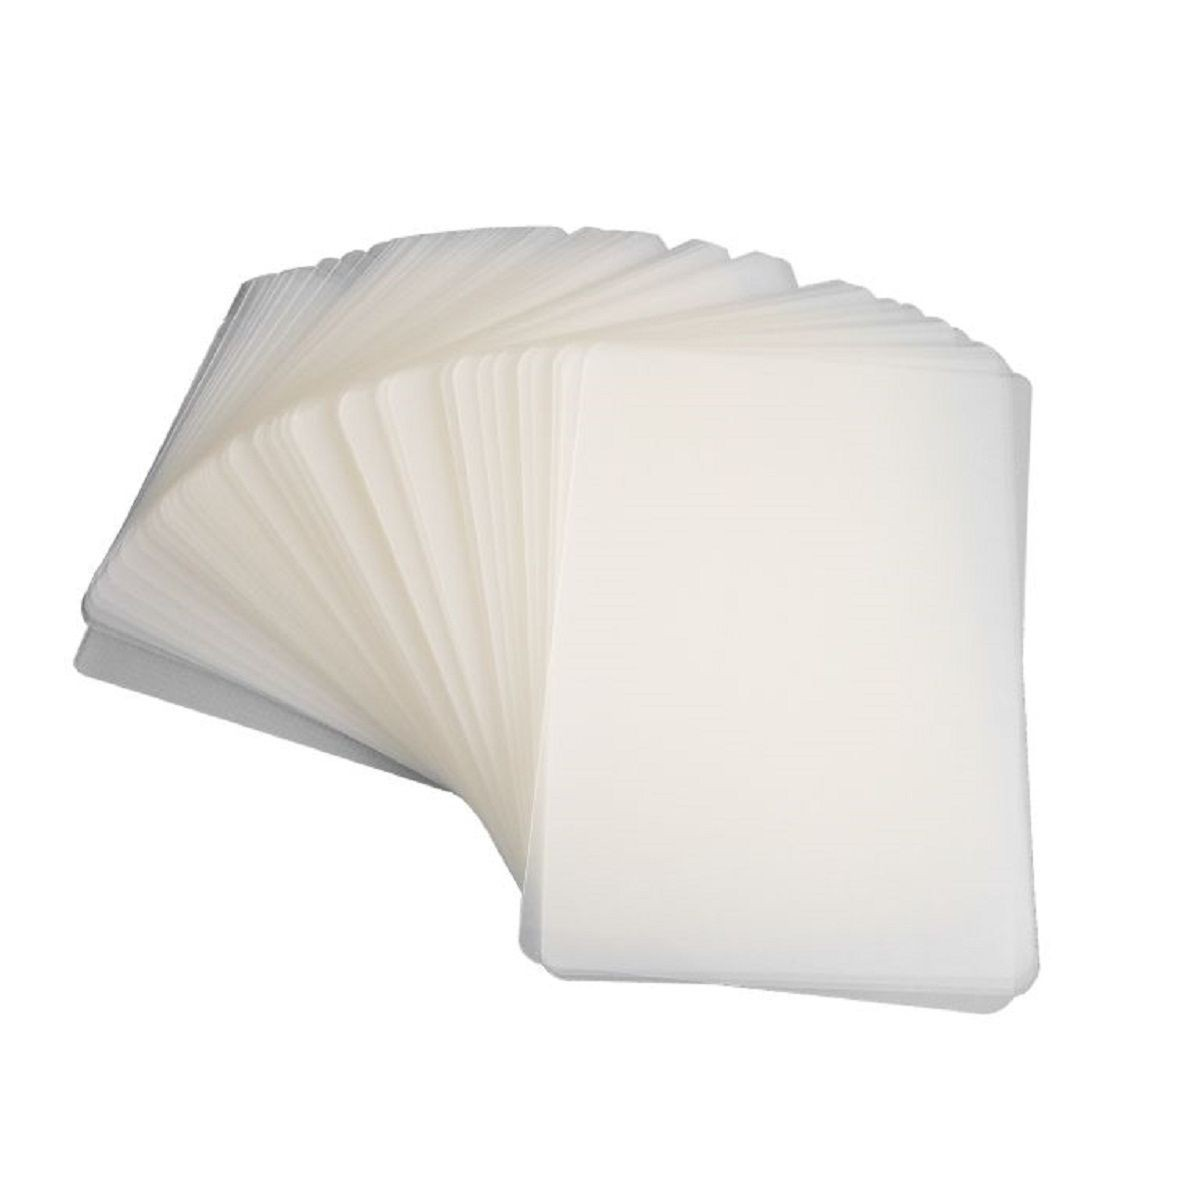 Kit 1000 Plasticos Polaseal para Plastificação Oficio 226x340x0,05mm (125 micras)  - Click Suprimentos